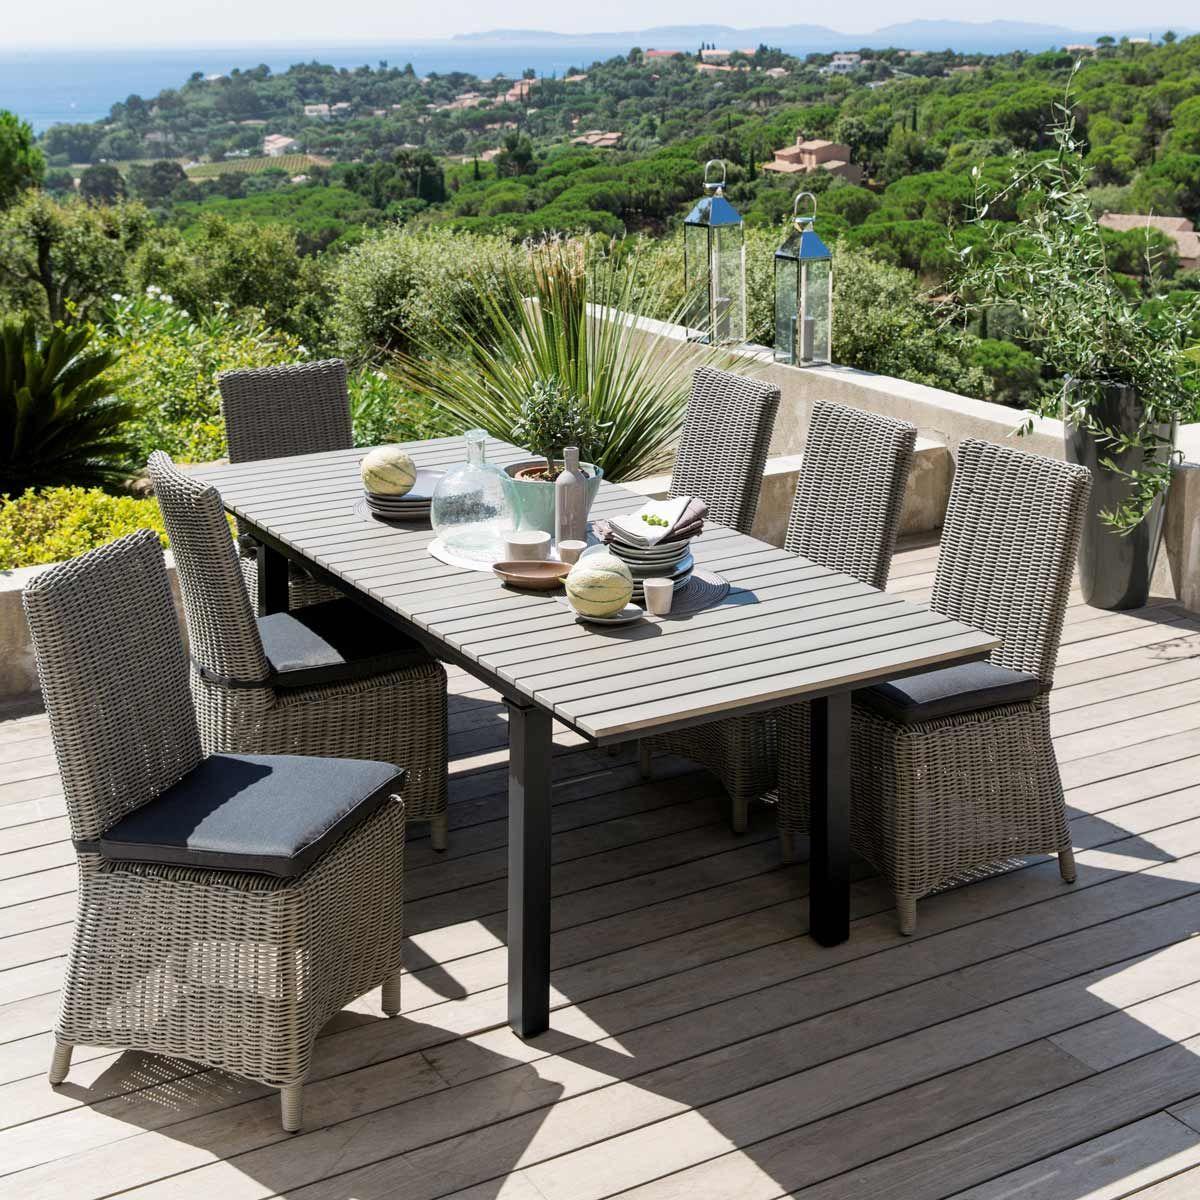 Table de jardin en aluminium gris L 213 cm | ++ déco idées achat ...